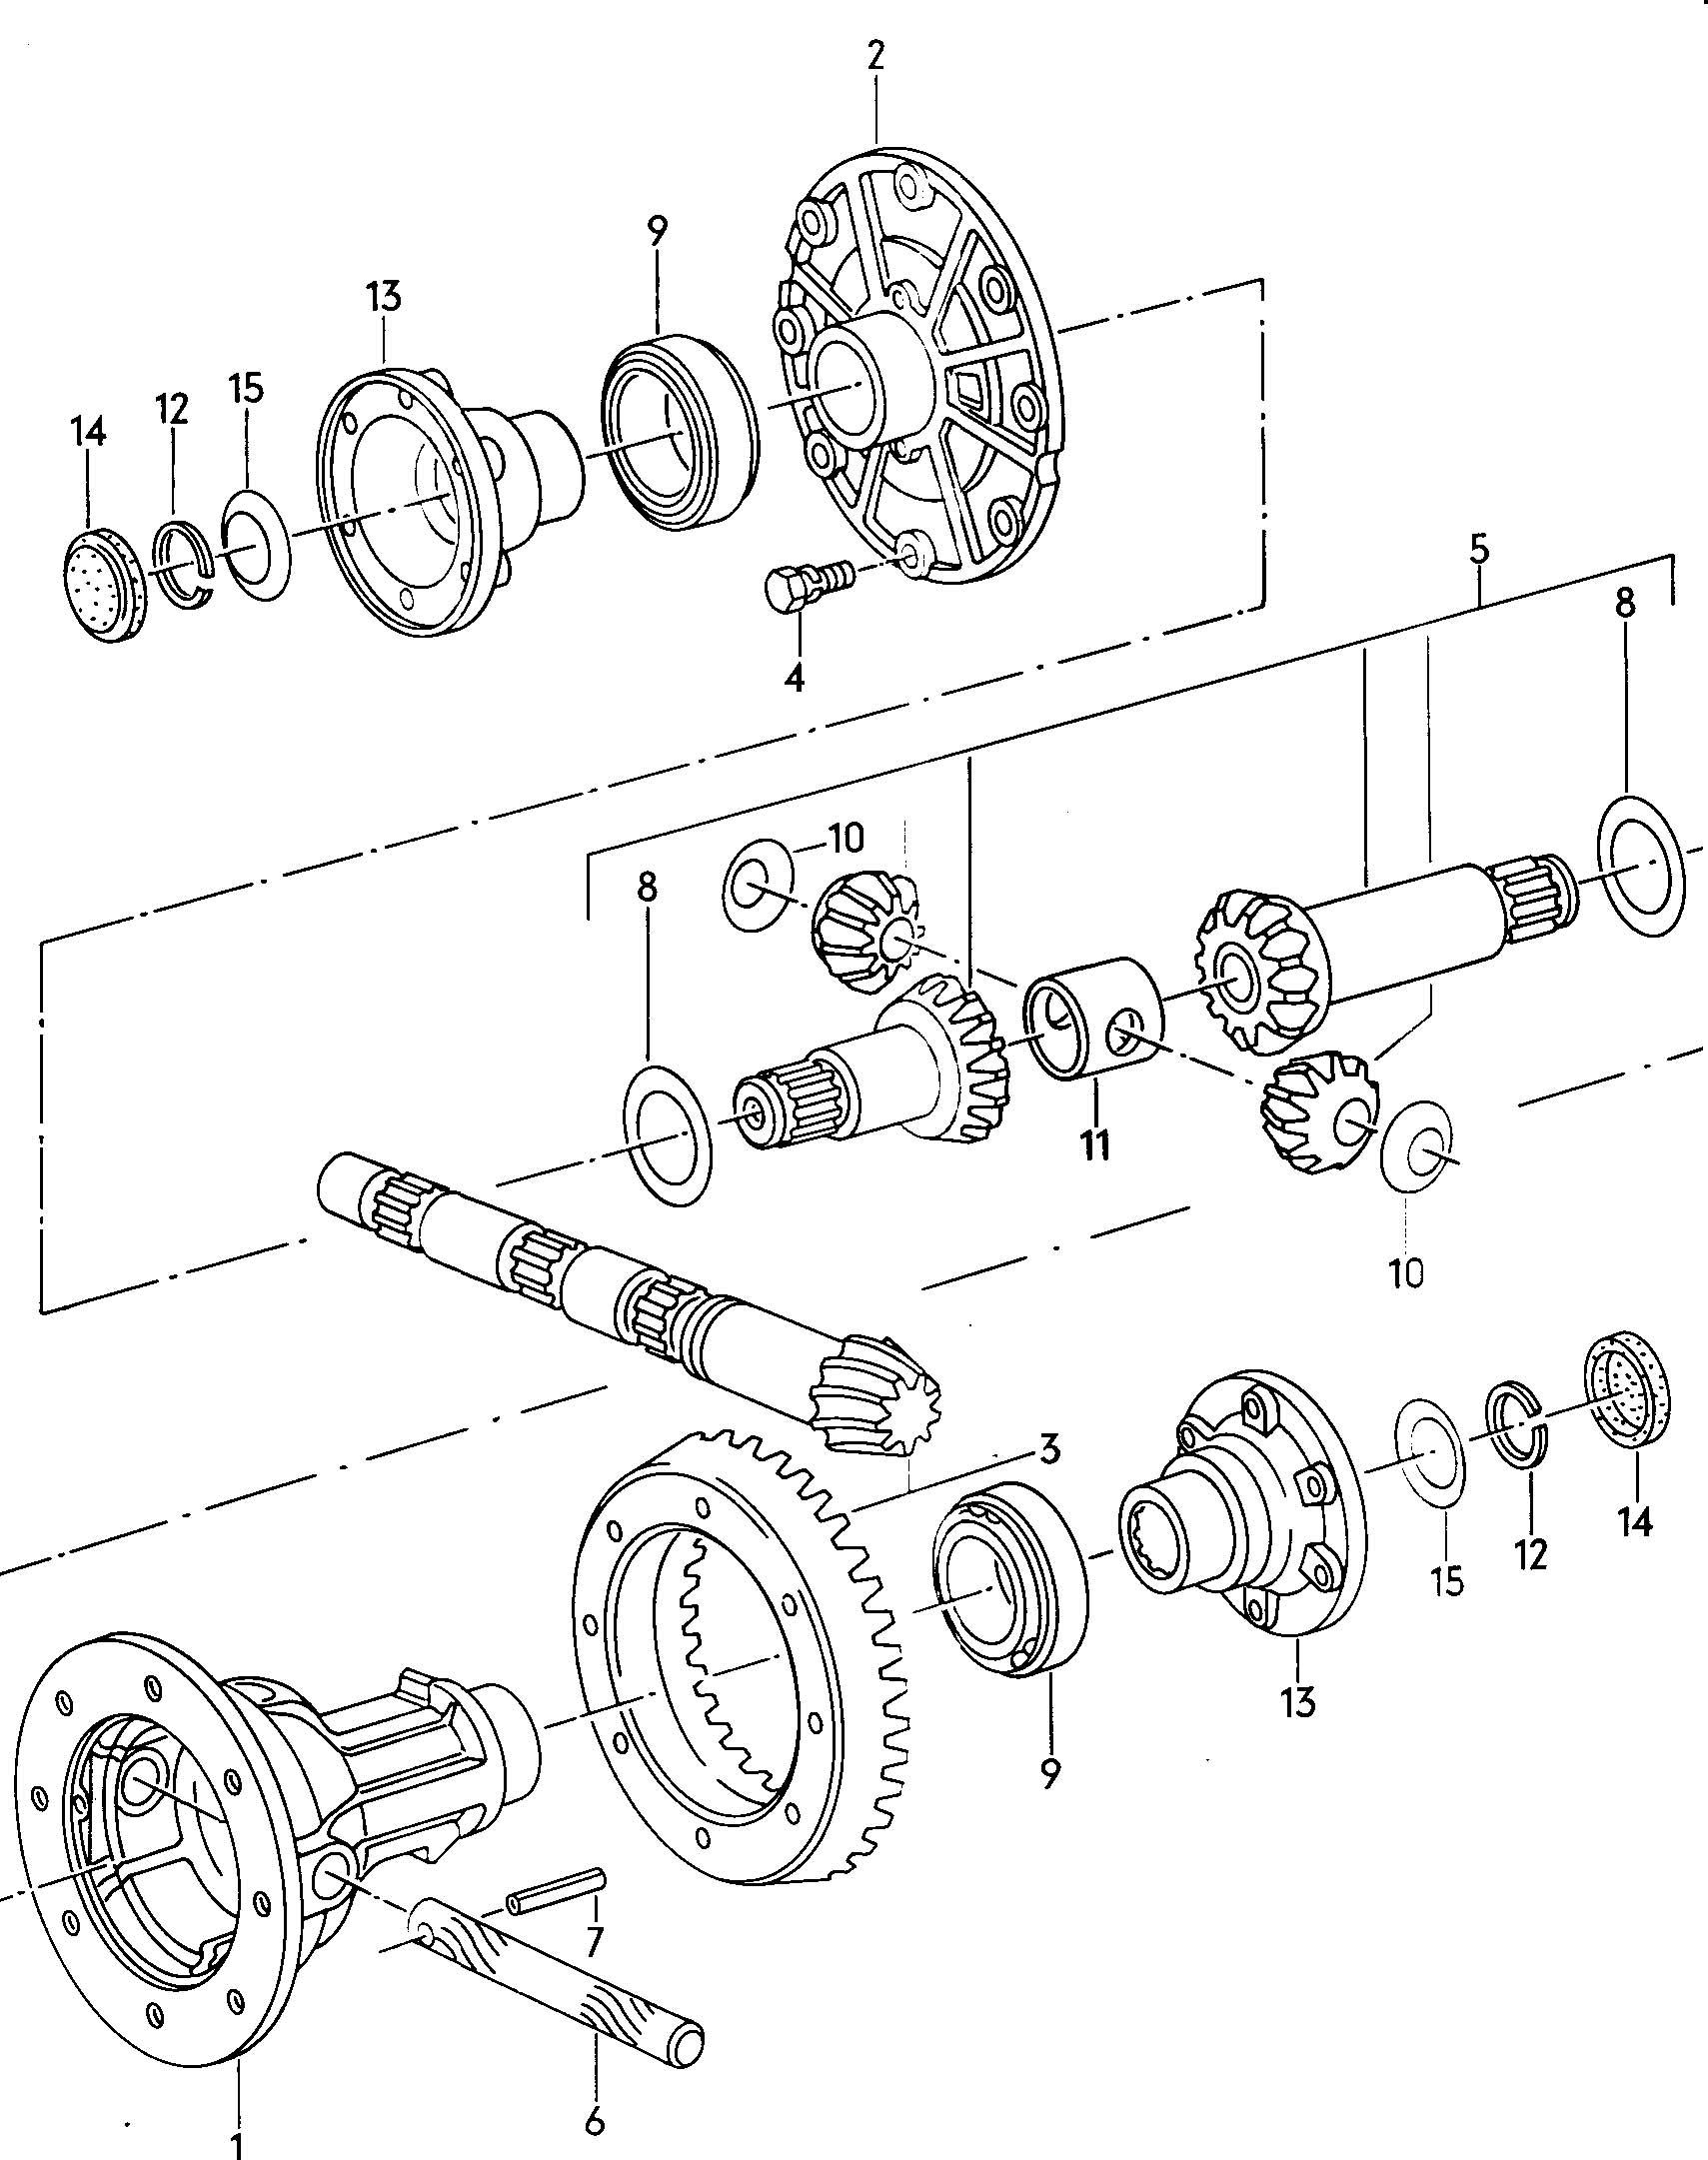 Vw Routan Transmission Diagram